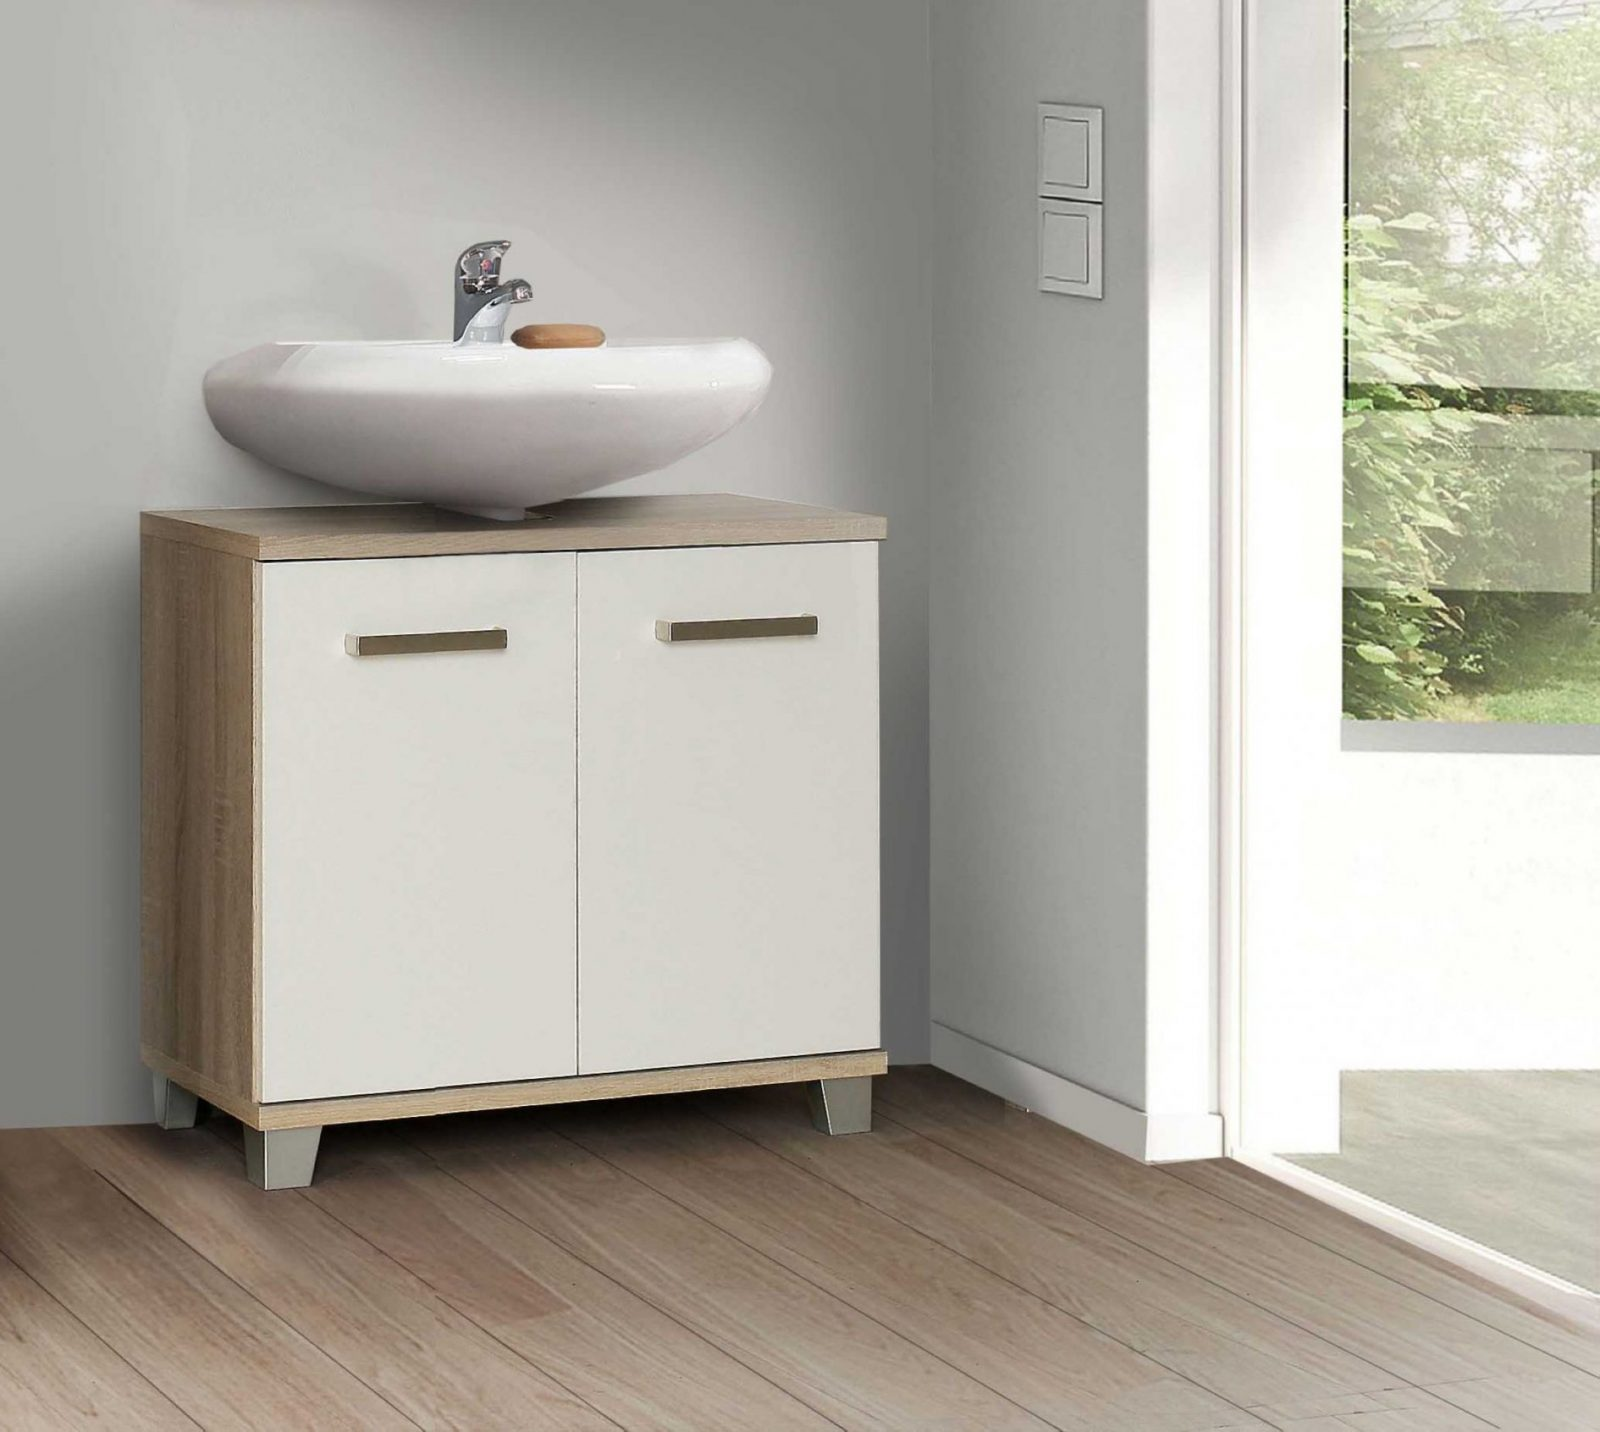 Veris Waschbeckenunterschrank Für Bad von Waschbecken Beige Mit Unterschrank Bild